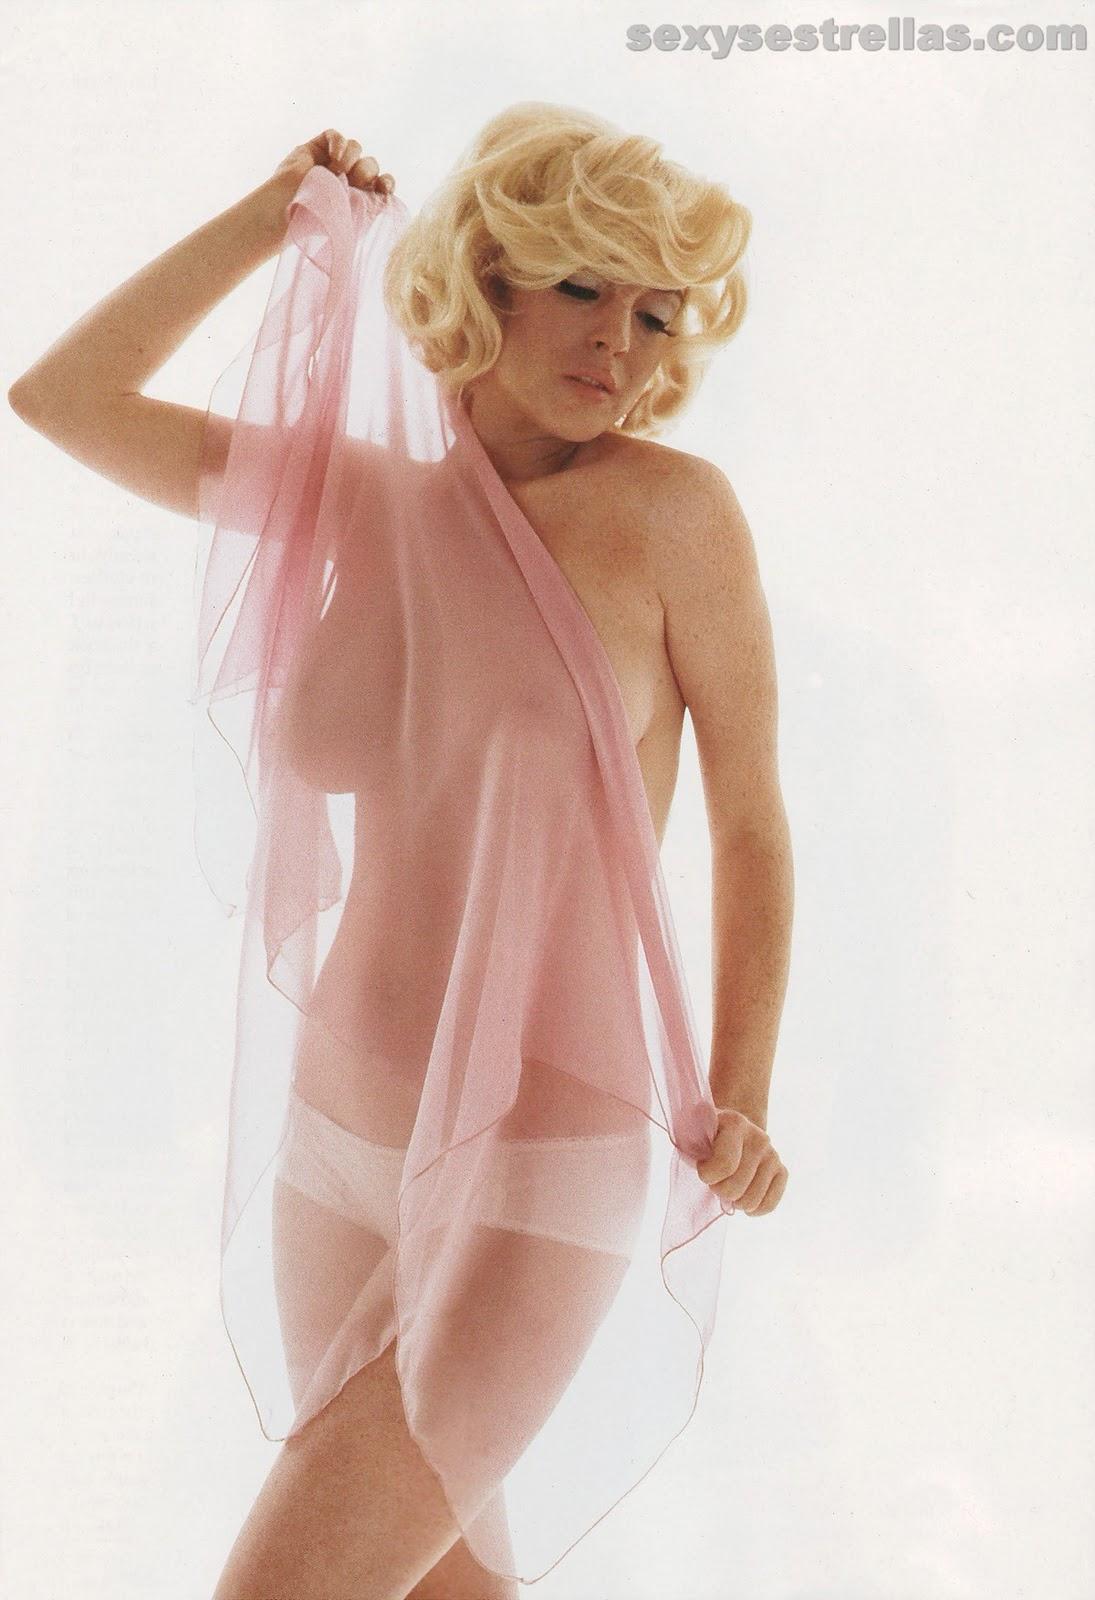 http://3.bp.blogspot.com/-3LY966w4ZsQ/TVb0cWbnKcI/AAAAAAAAGvc/a2DeyFohlic/s1600/lindsay-lohan-sin+ropa.jpg